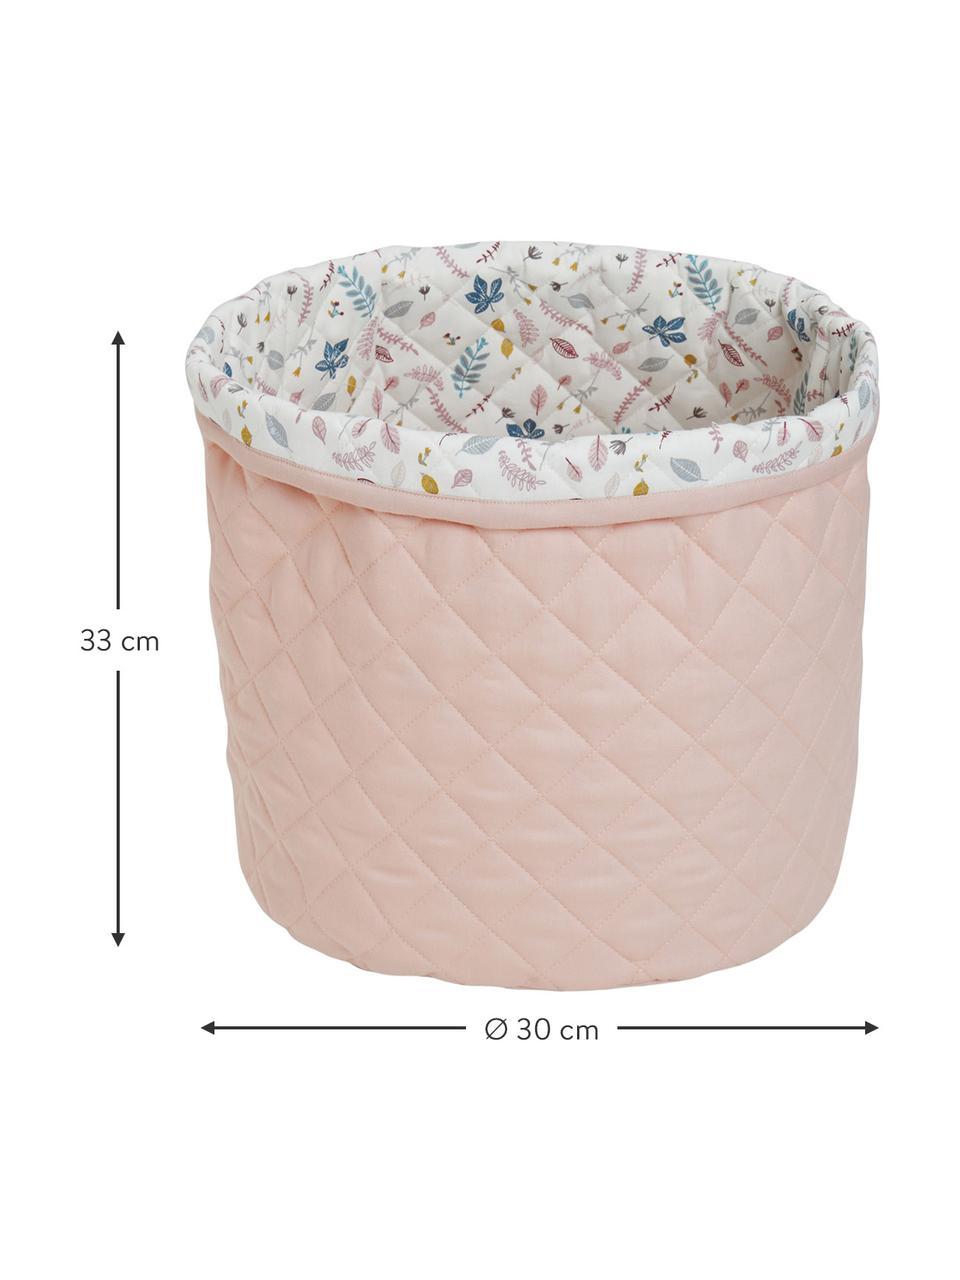 Corbeille de rangement en coton bio Pressed Leaves, Extérieur: rose Intérieur: crème, rose, bleu, gris